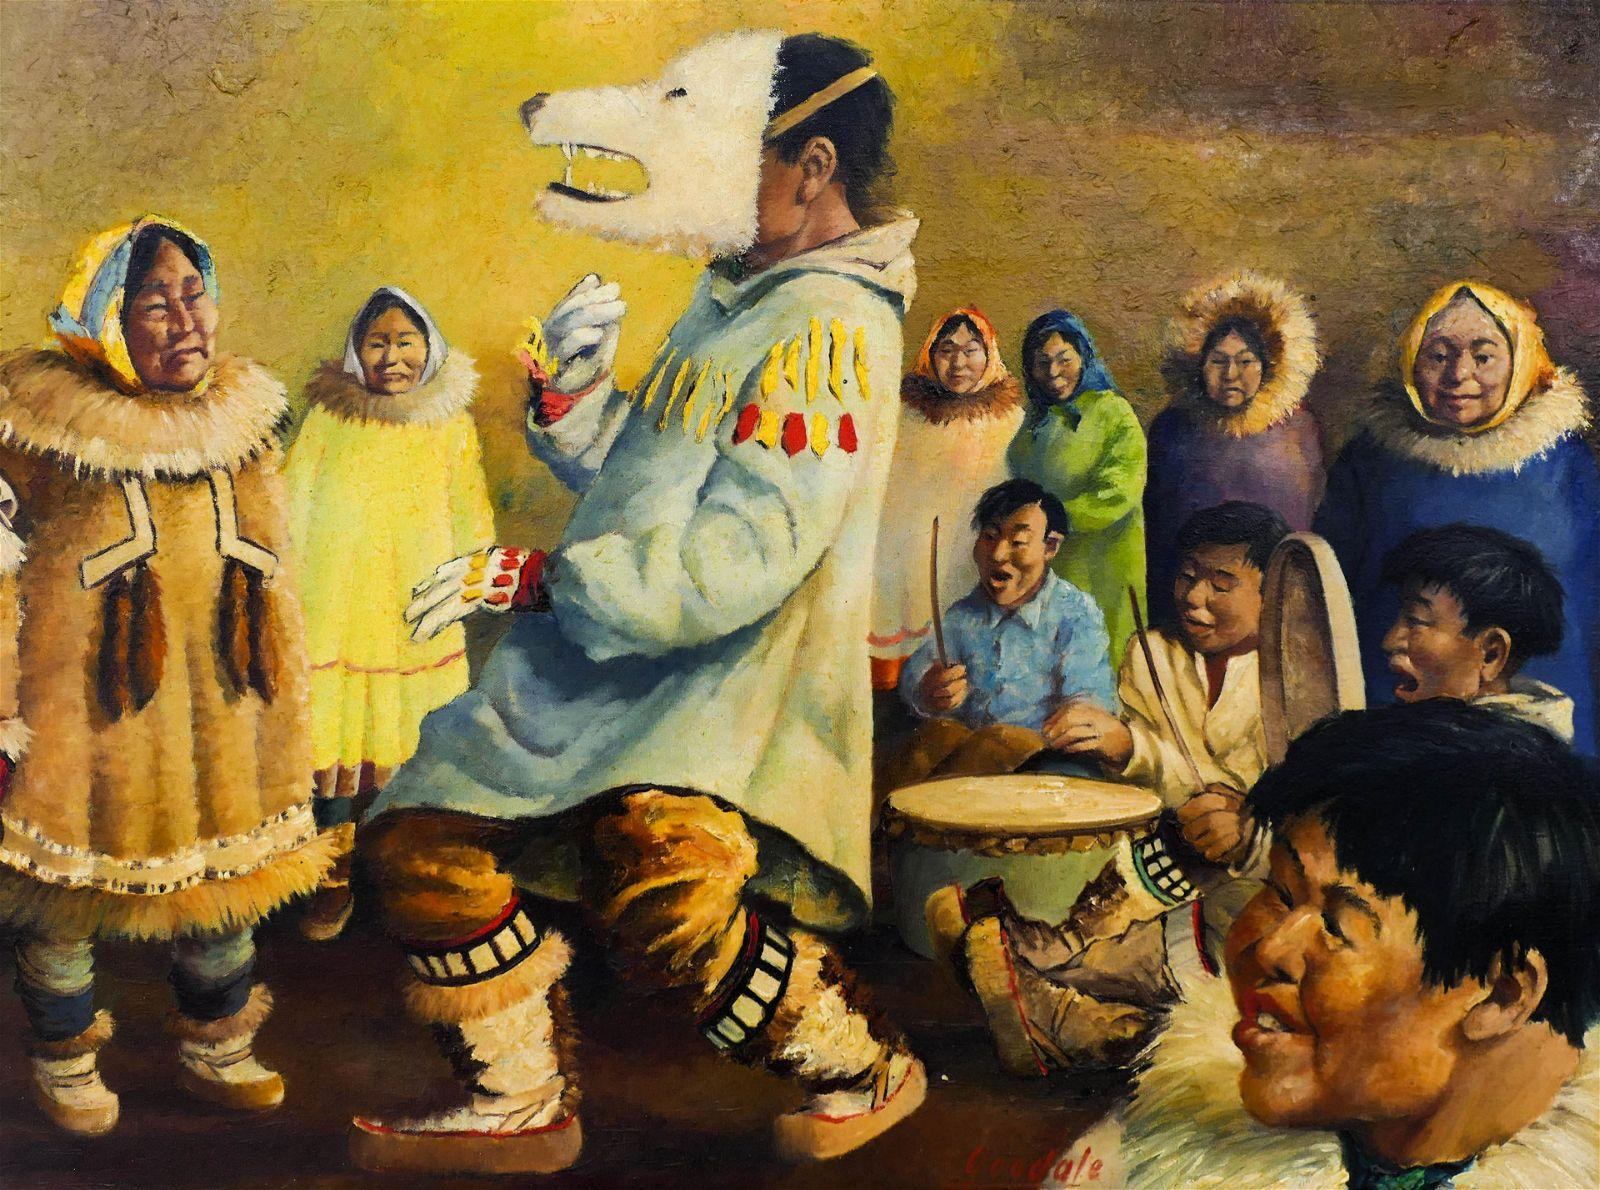 Harvey Goodale (1900-1980 Alaska) Eskimo Dance Oil on